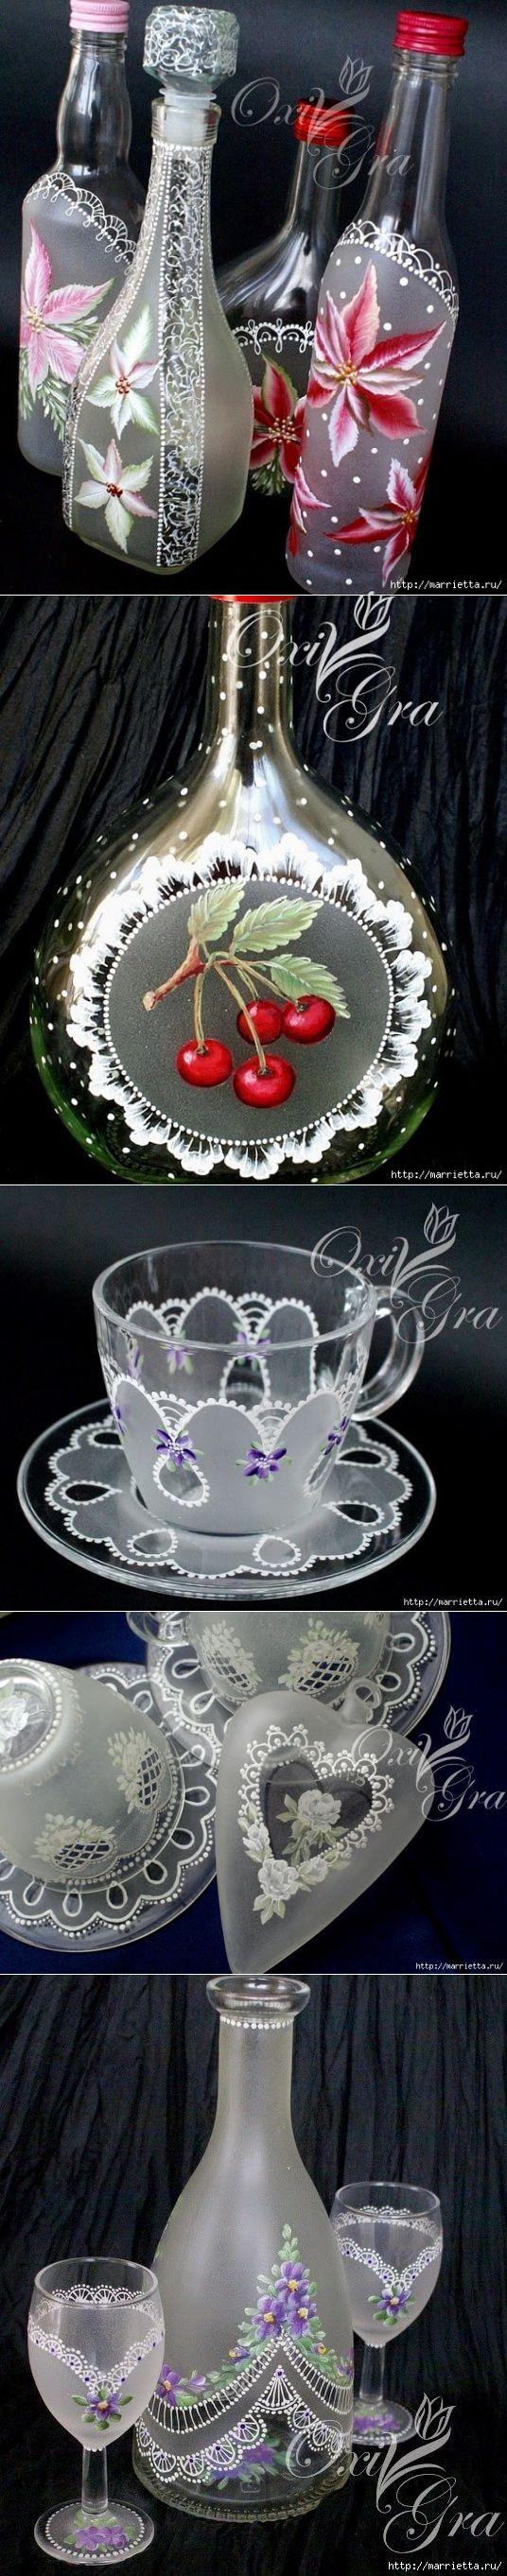 Роспись посуды с эффектом кружева